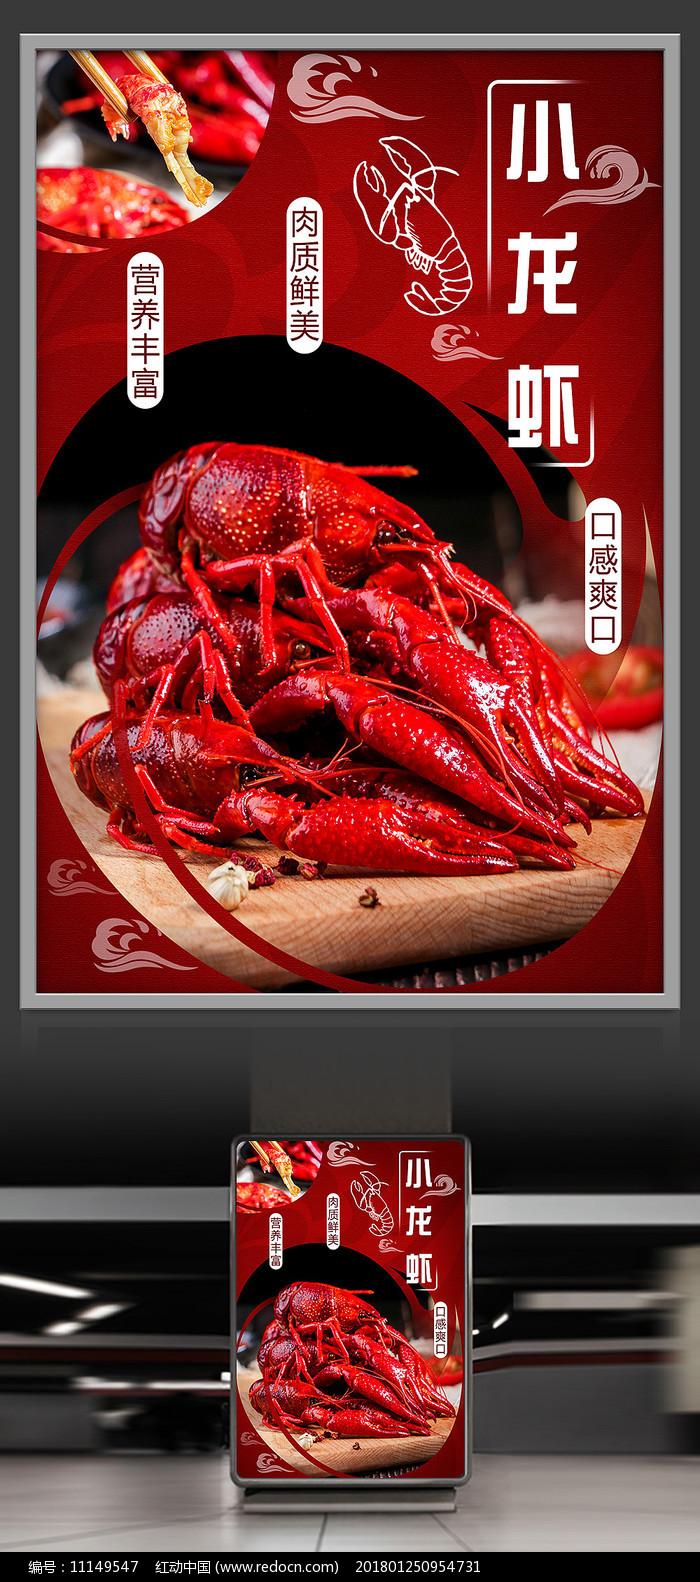 海鲜美食小龙虾海鲜美食海报设计图片